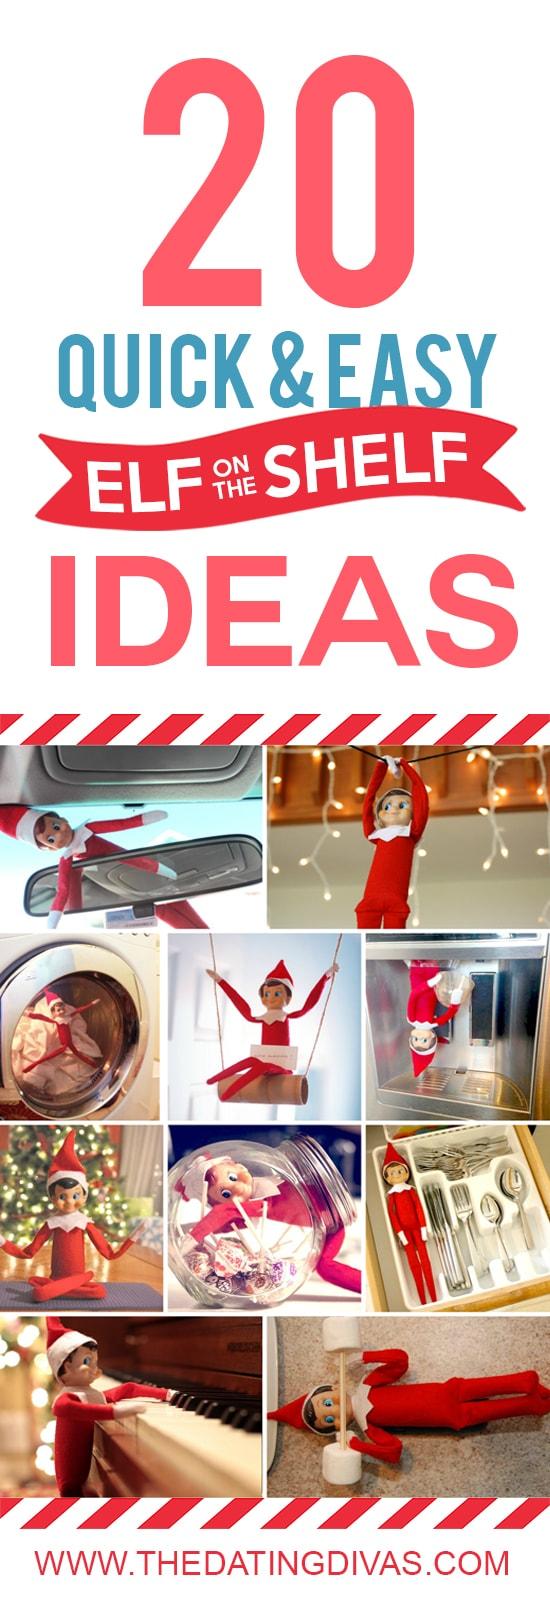 Christmas elf ideas.